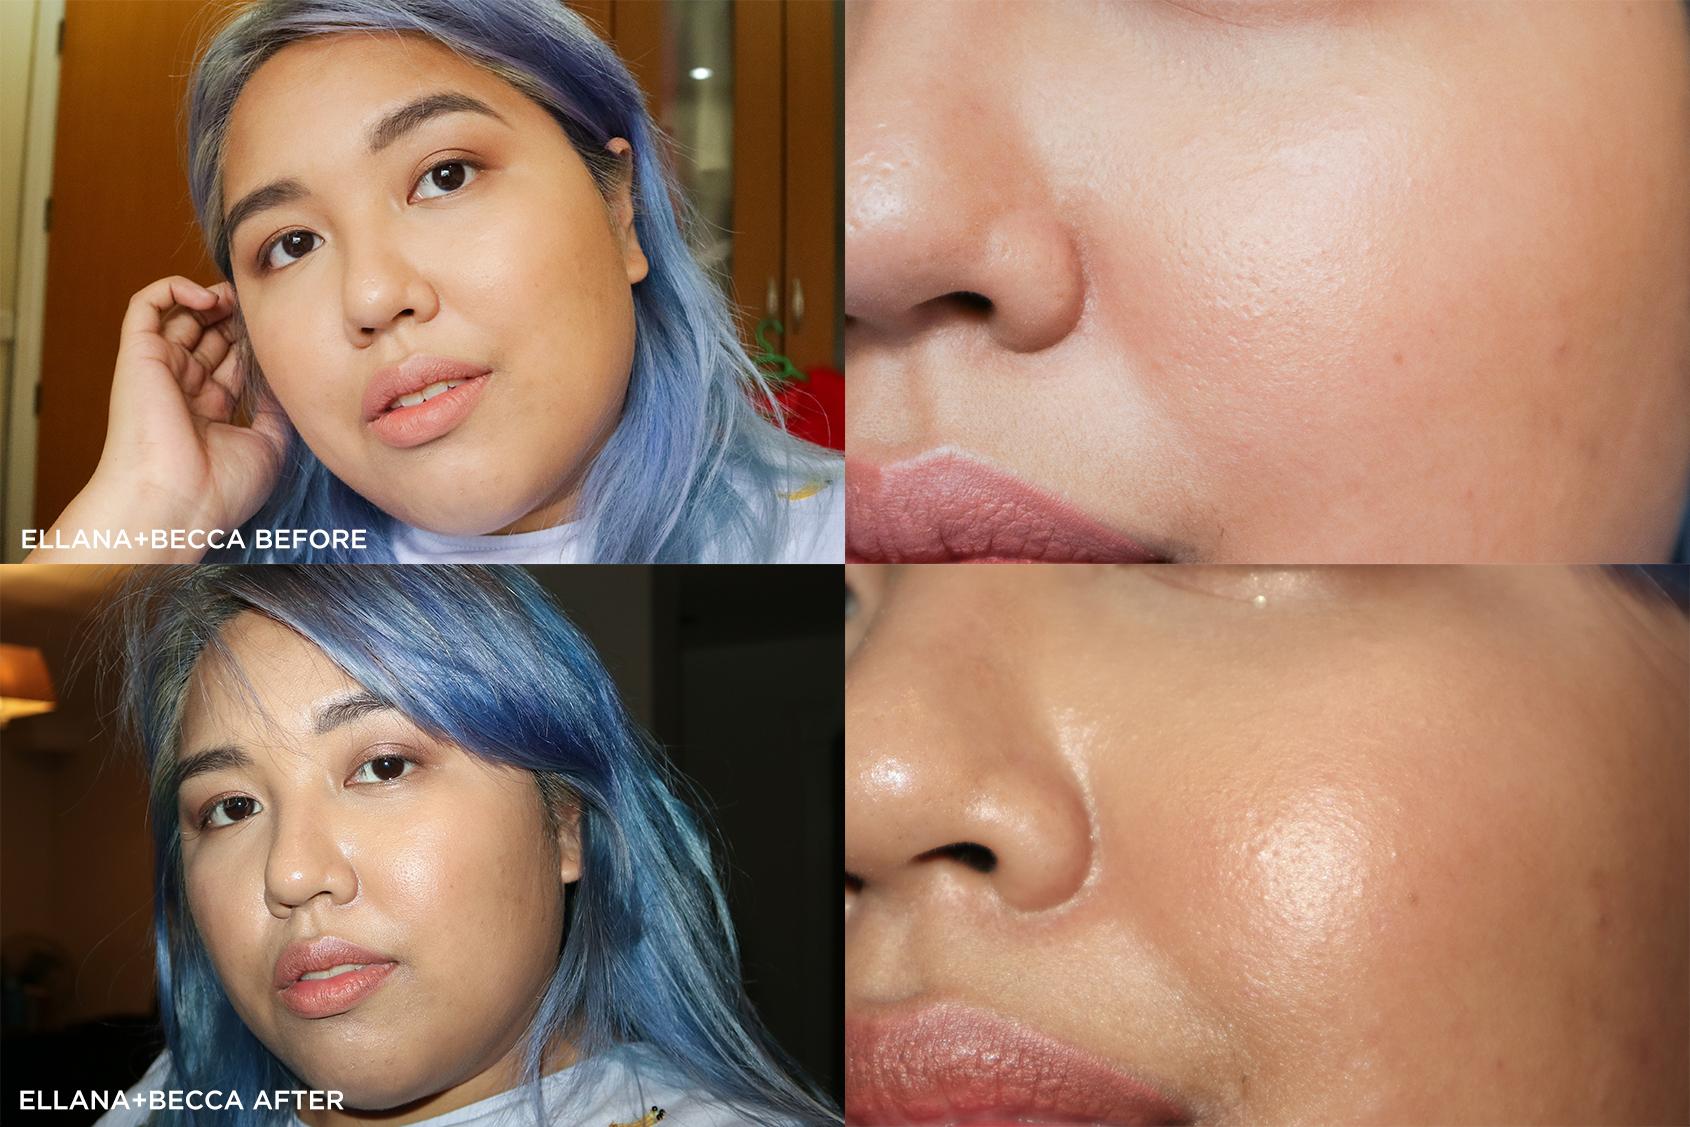 1801-22-Pore-Primer-Ellana-Blur-Makeup-Primer-Becca-Before-After-Samantha-Gonzales.jpg